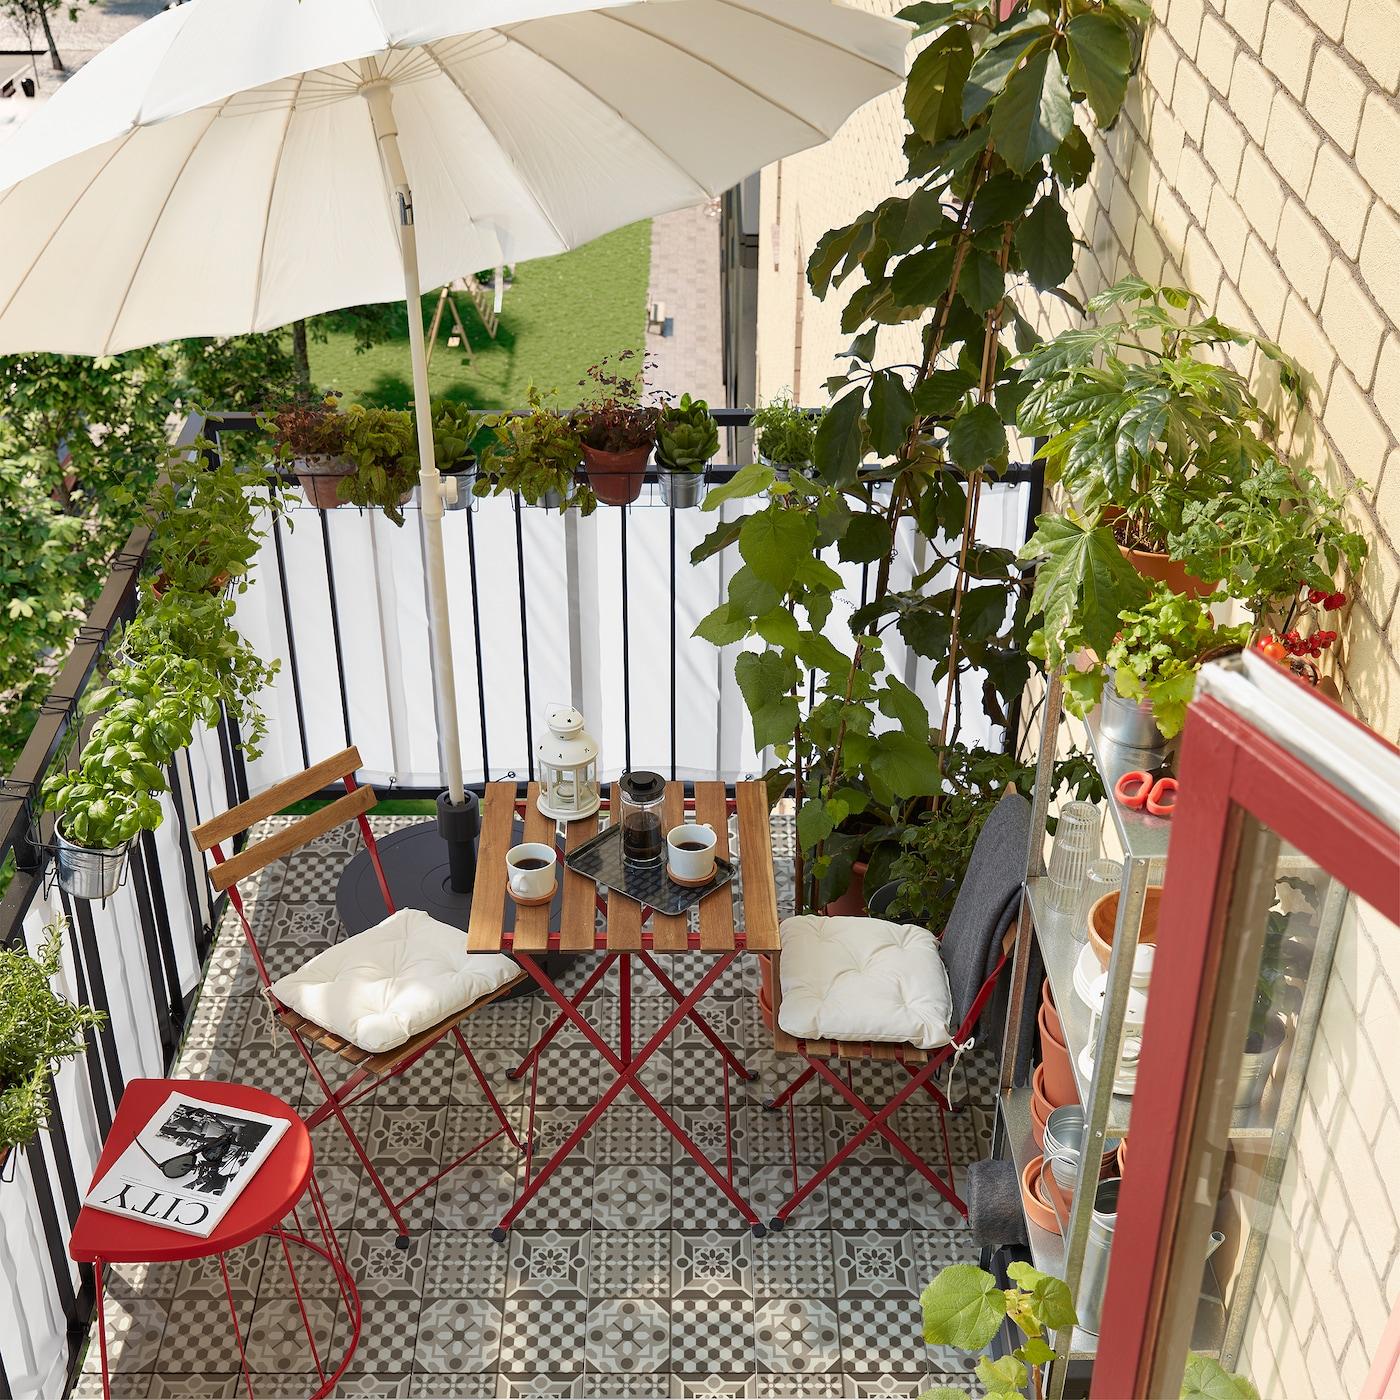 たくさんのハーブや植物、レッドのスツール、ホワイトのパラソル、チェア2脚、折りたたみ式テーブルがある狭いバルコニー。